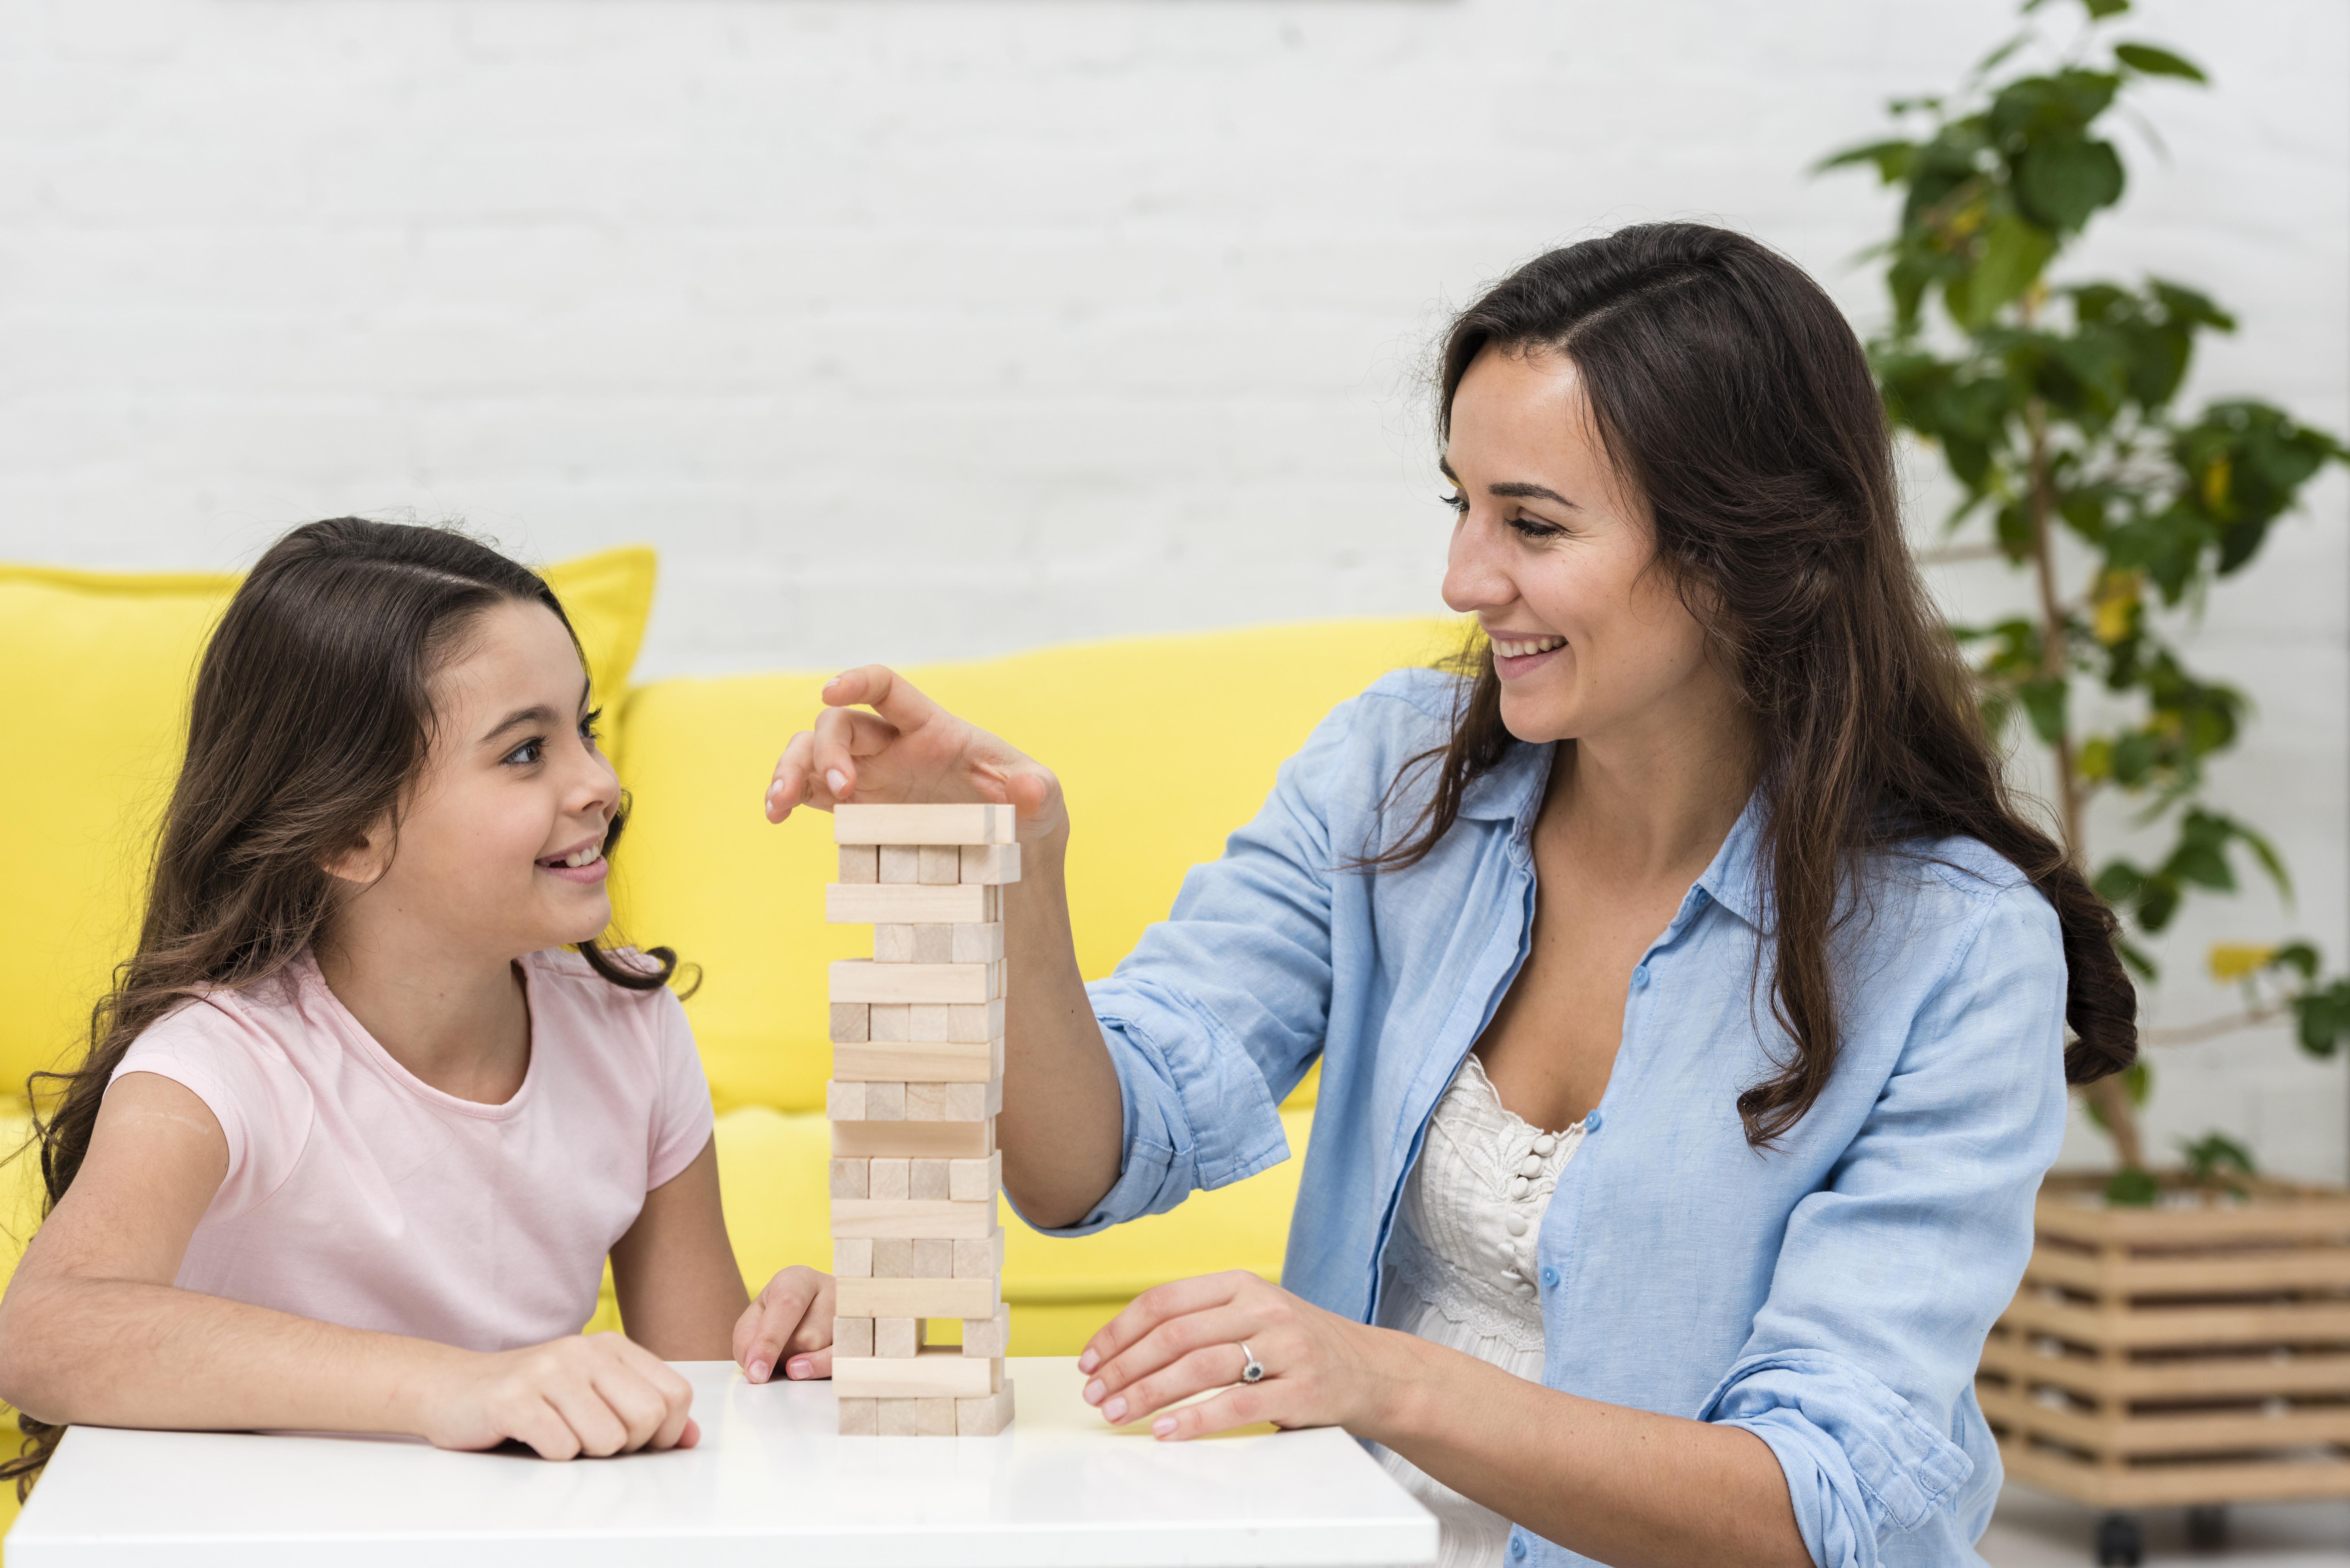 Poznaj 3 zabawne i ekscytujące gry dla dzieci. Doskonały sposób na nudę!